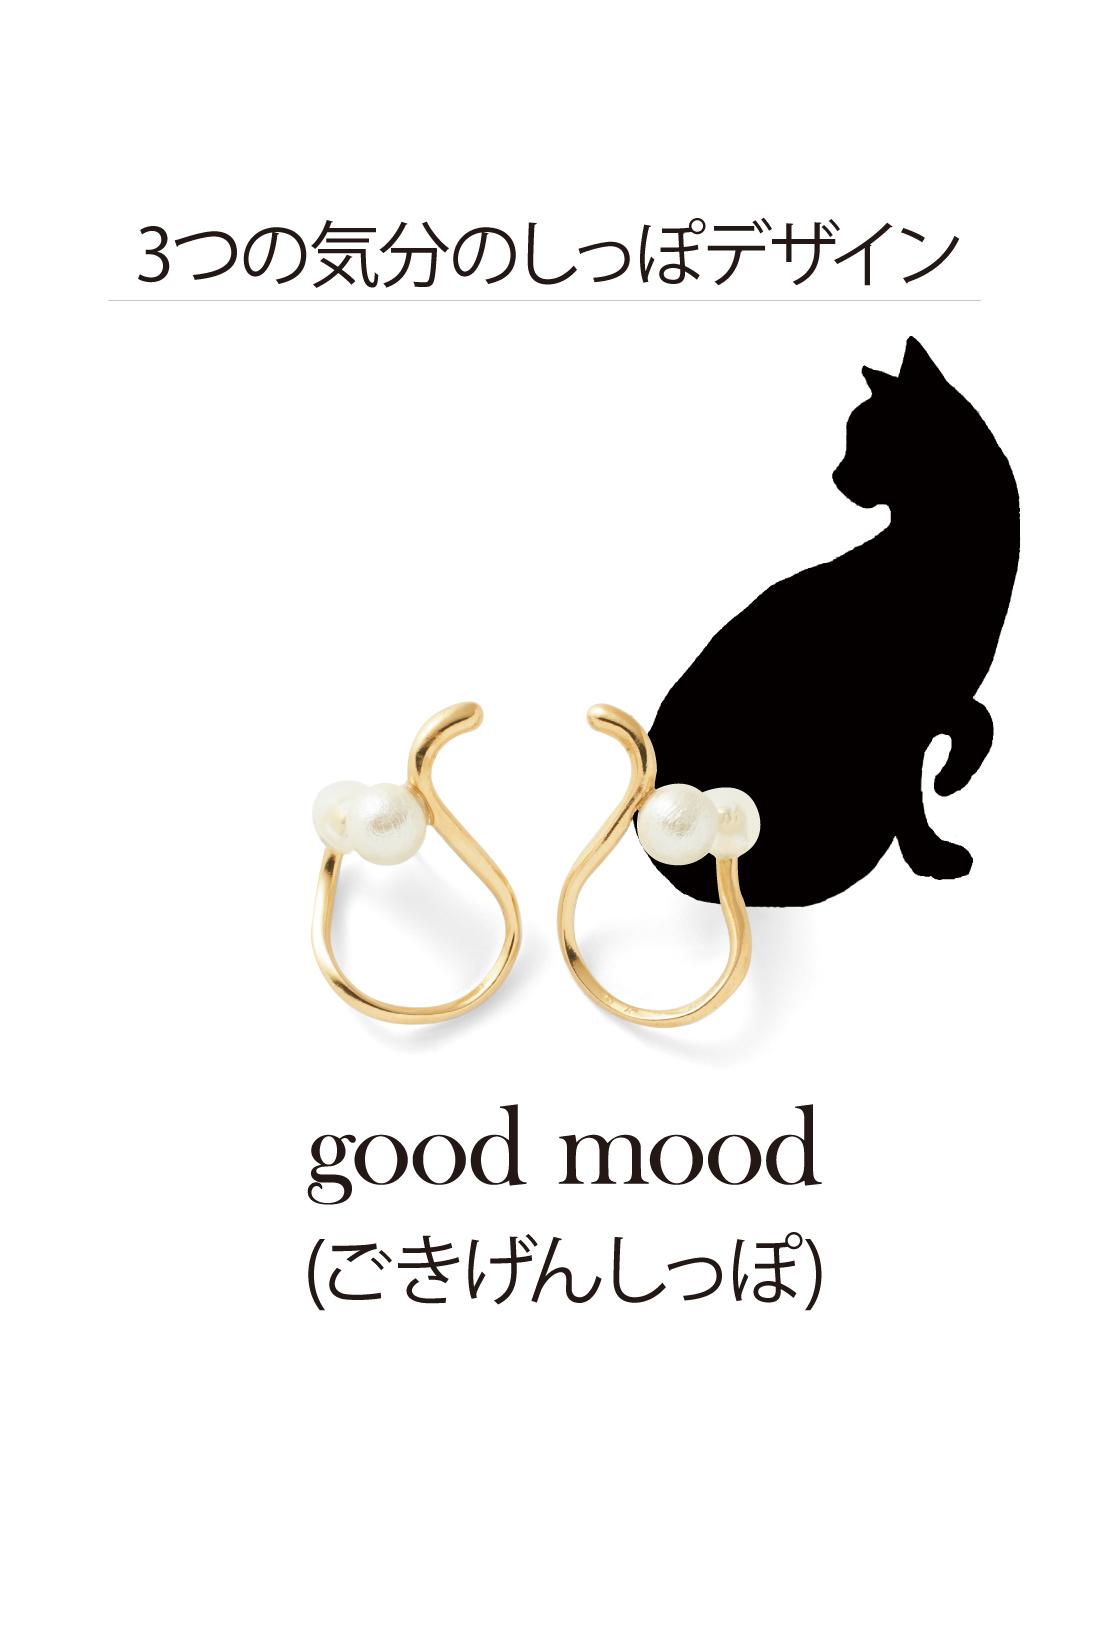 good mood 〈ごきげんしっぽ〉